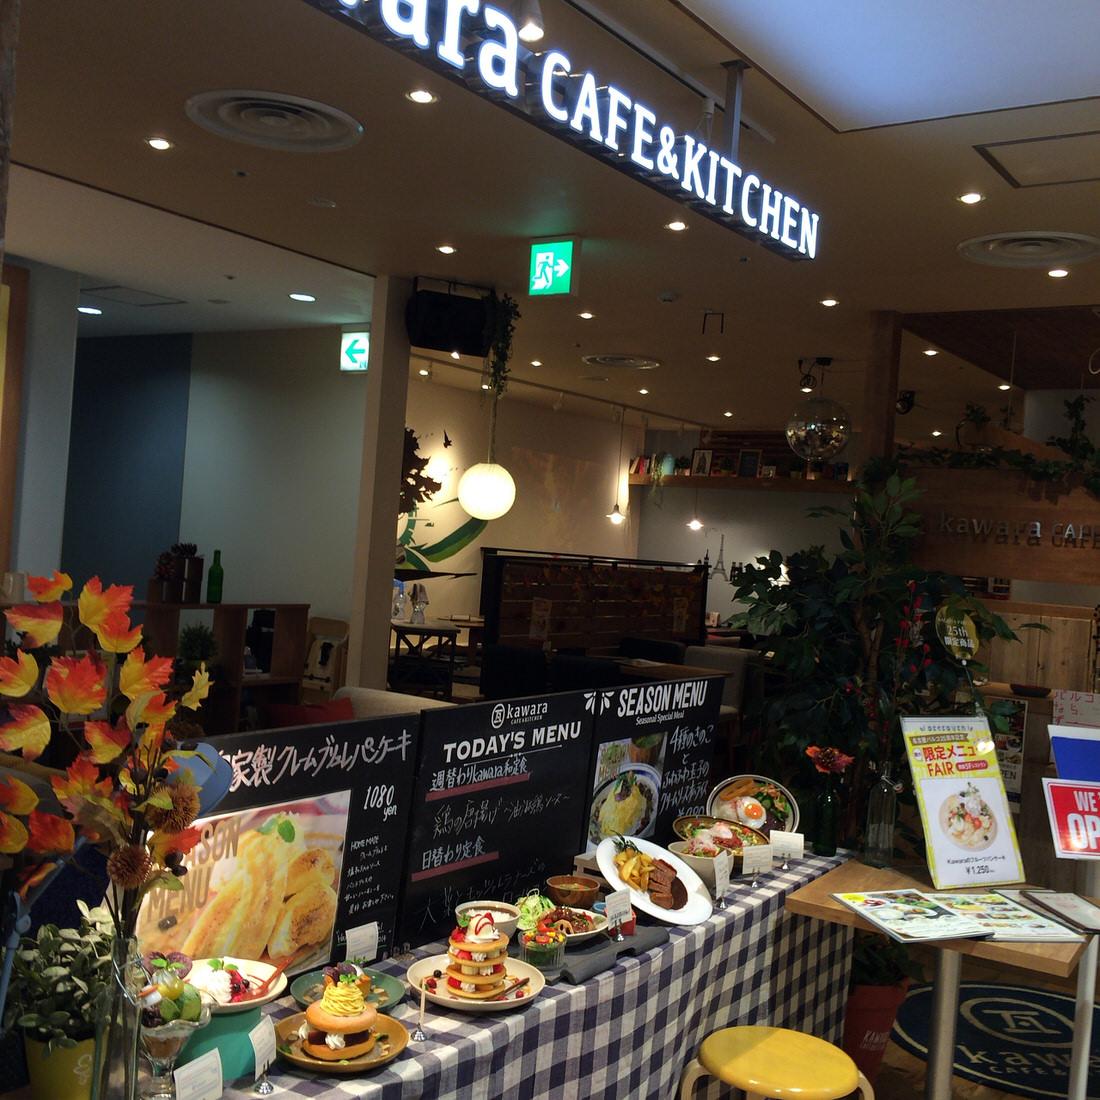 名古屋パルコ南館の『カワラ カフェアンドキッチン』ランチタイム外でも食事が楽しめる!